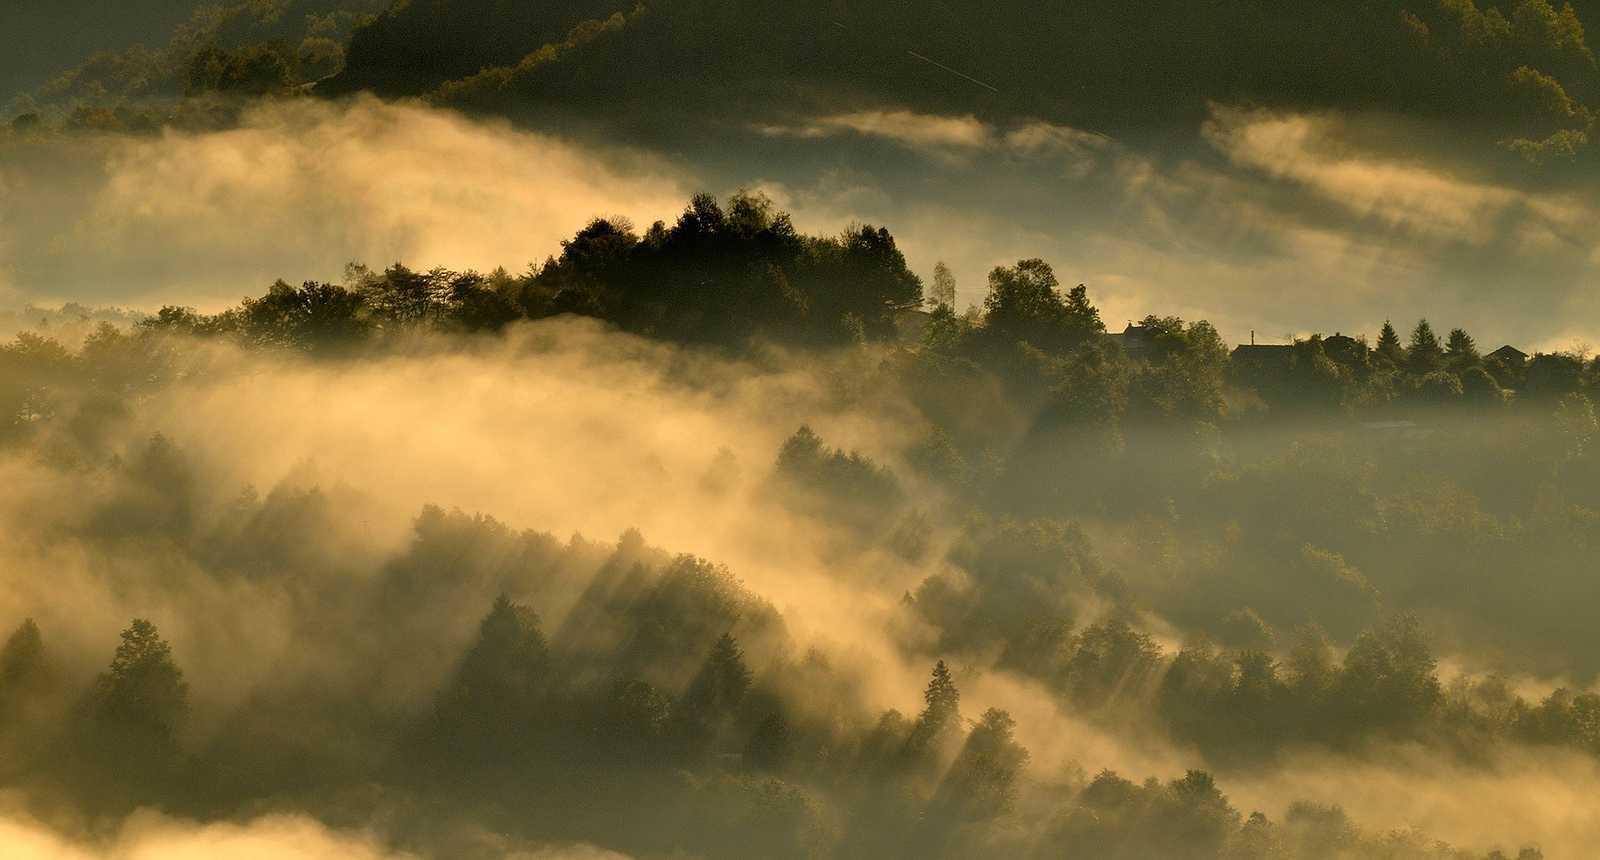 Brumes matinales sur le paysage de Seix